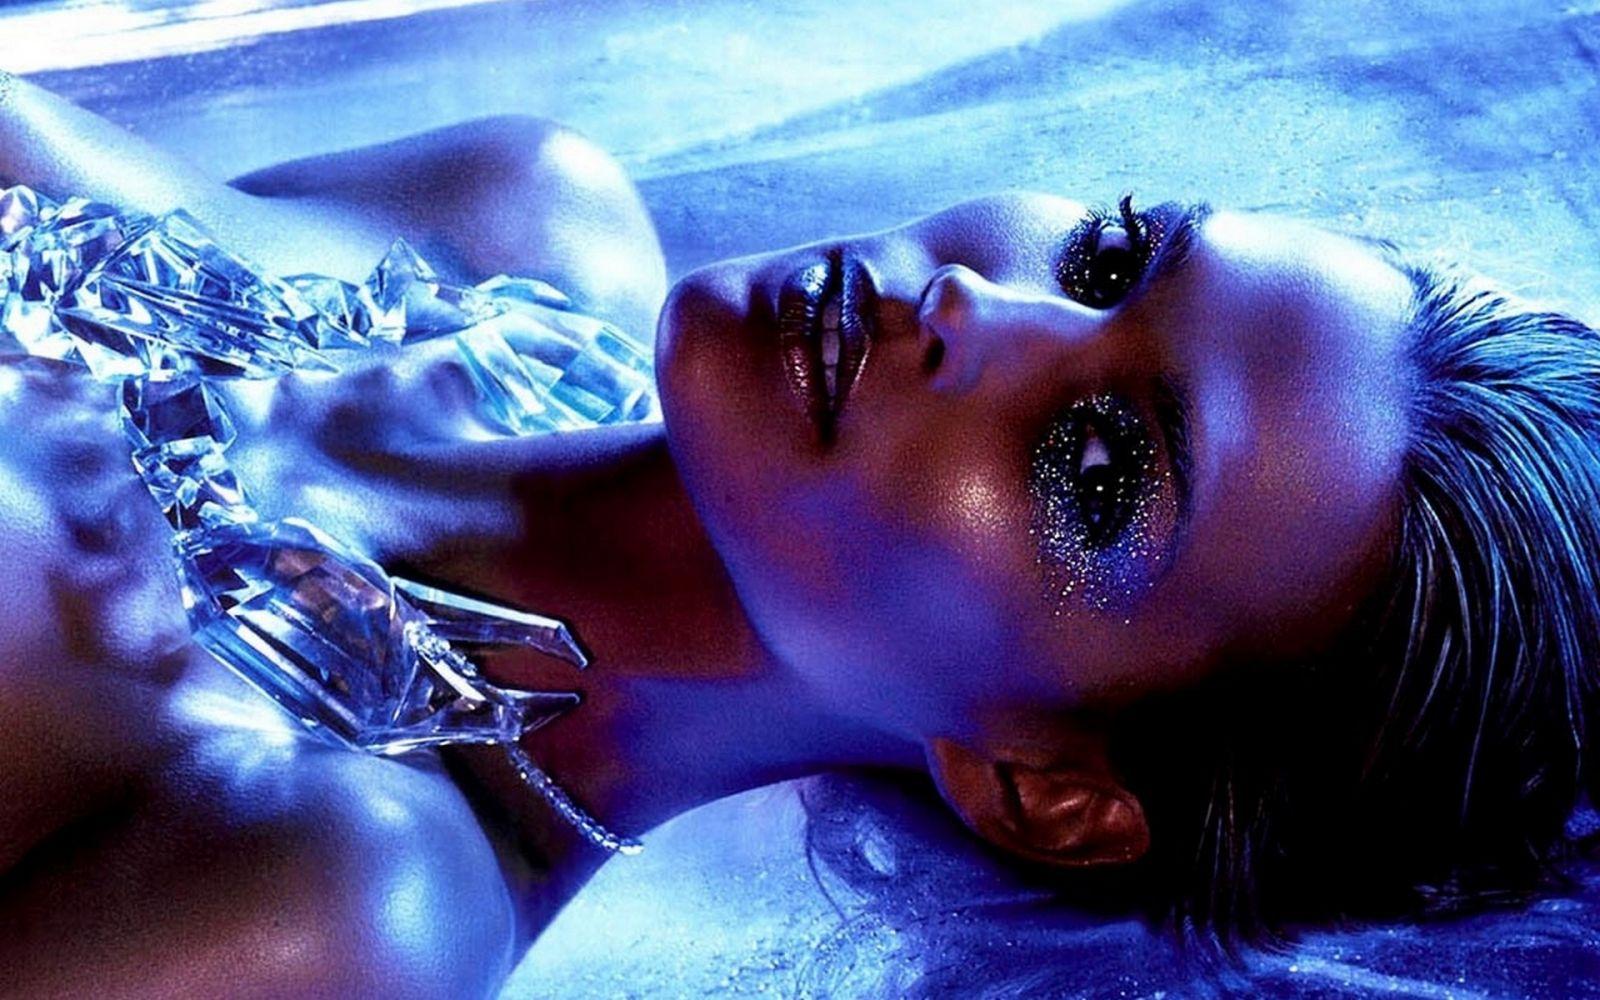 обнаженная девушка в бриллиантах которые